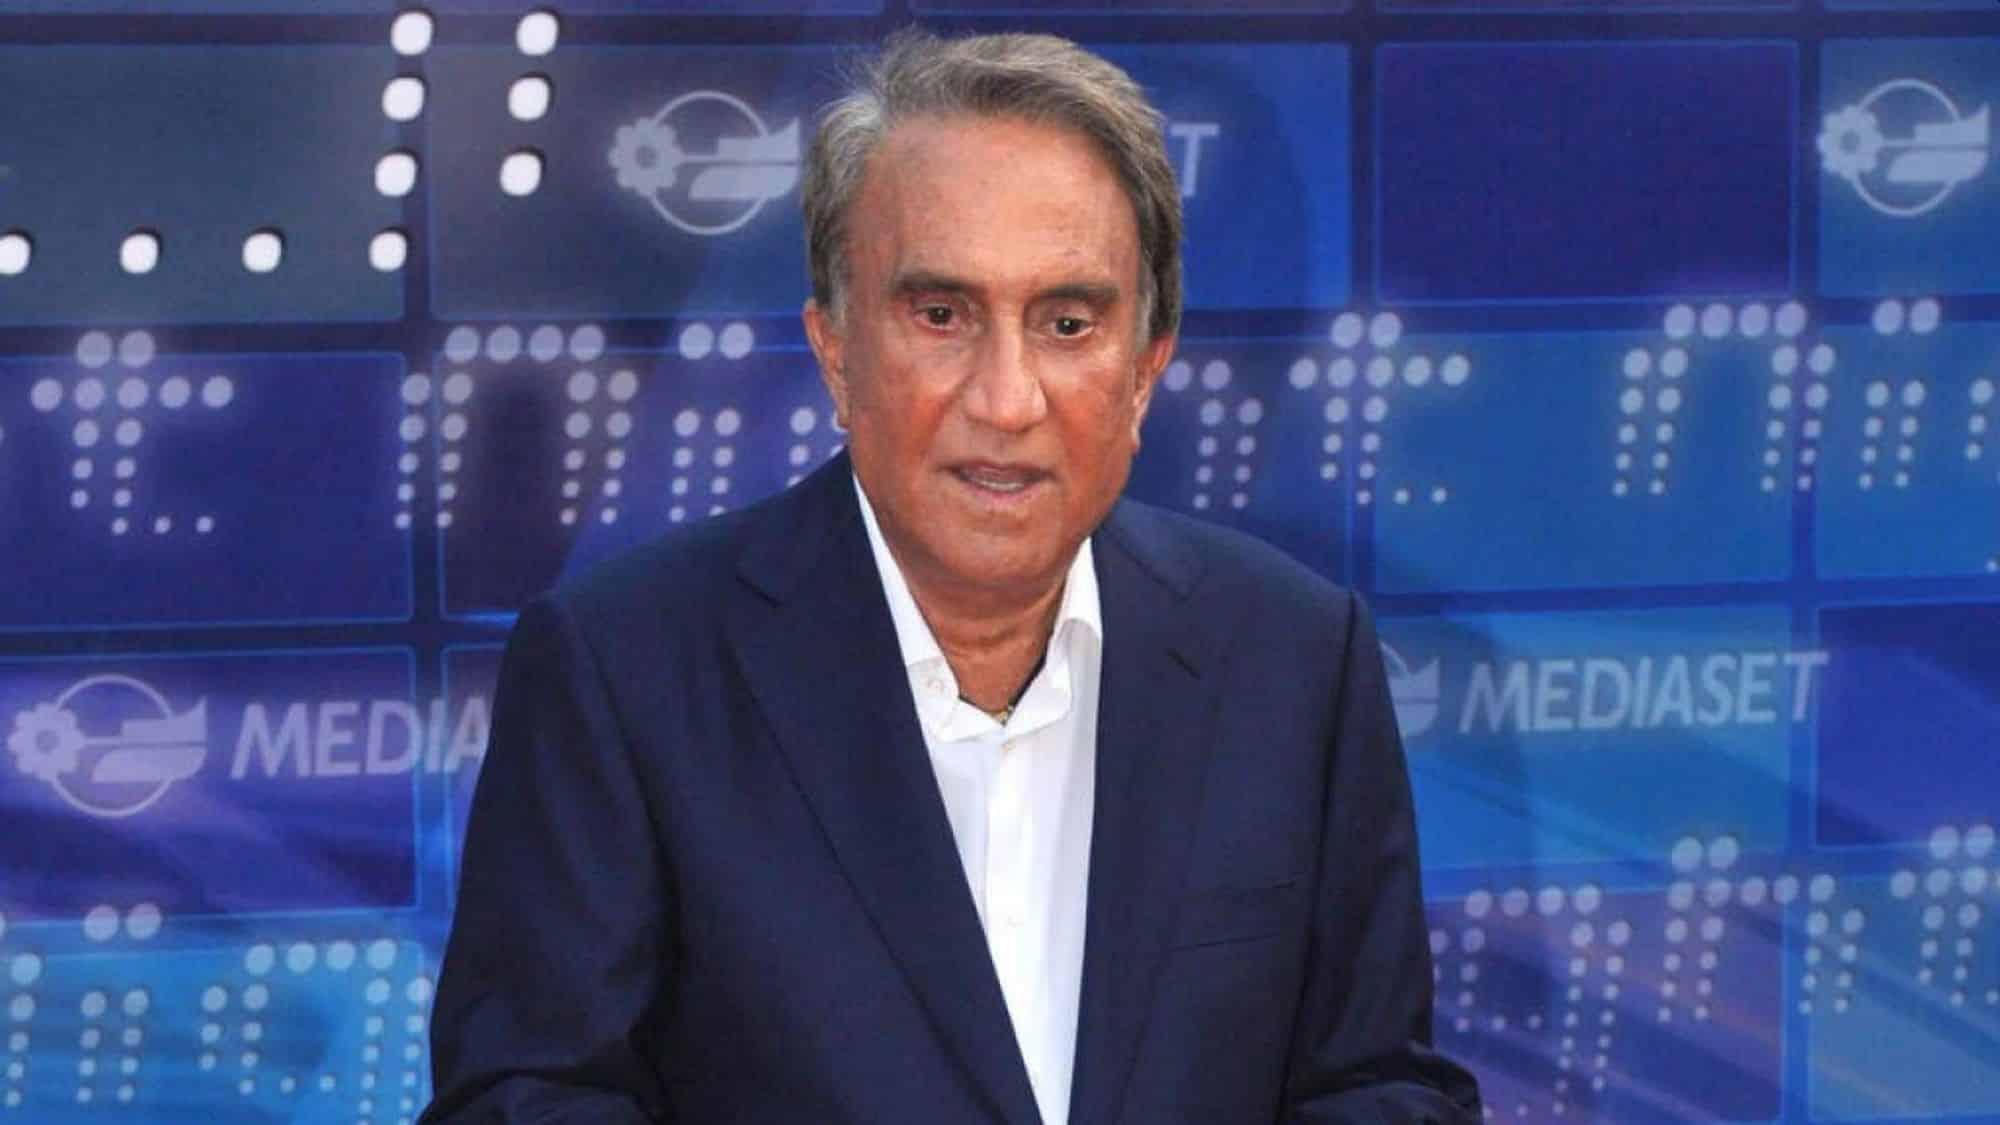 Emilio Fede, il direttore del Tg4 ricoverato d'urgenza in ospedale